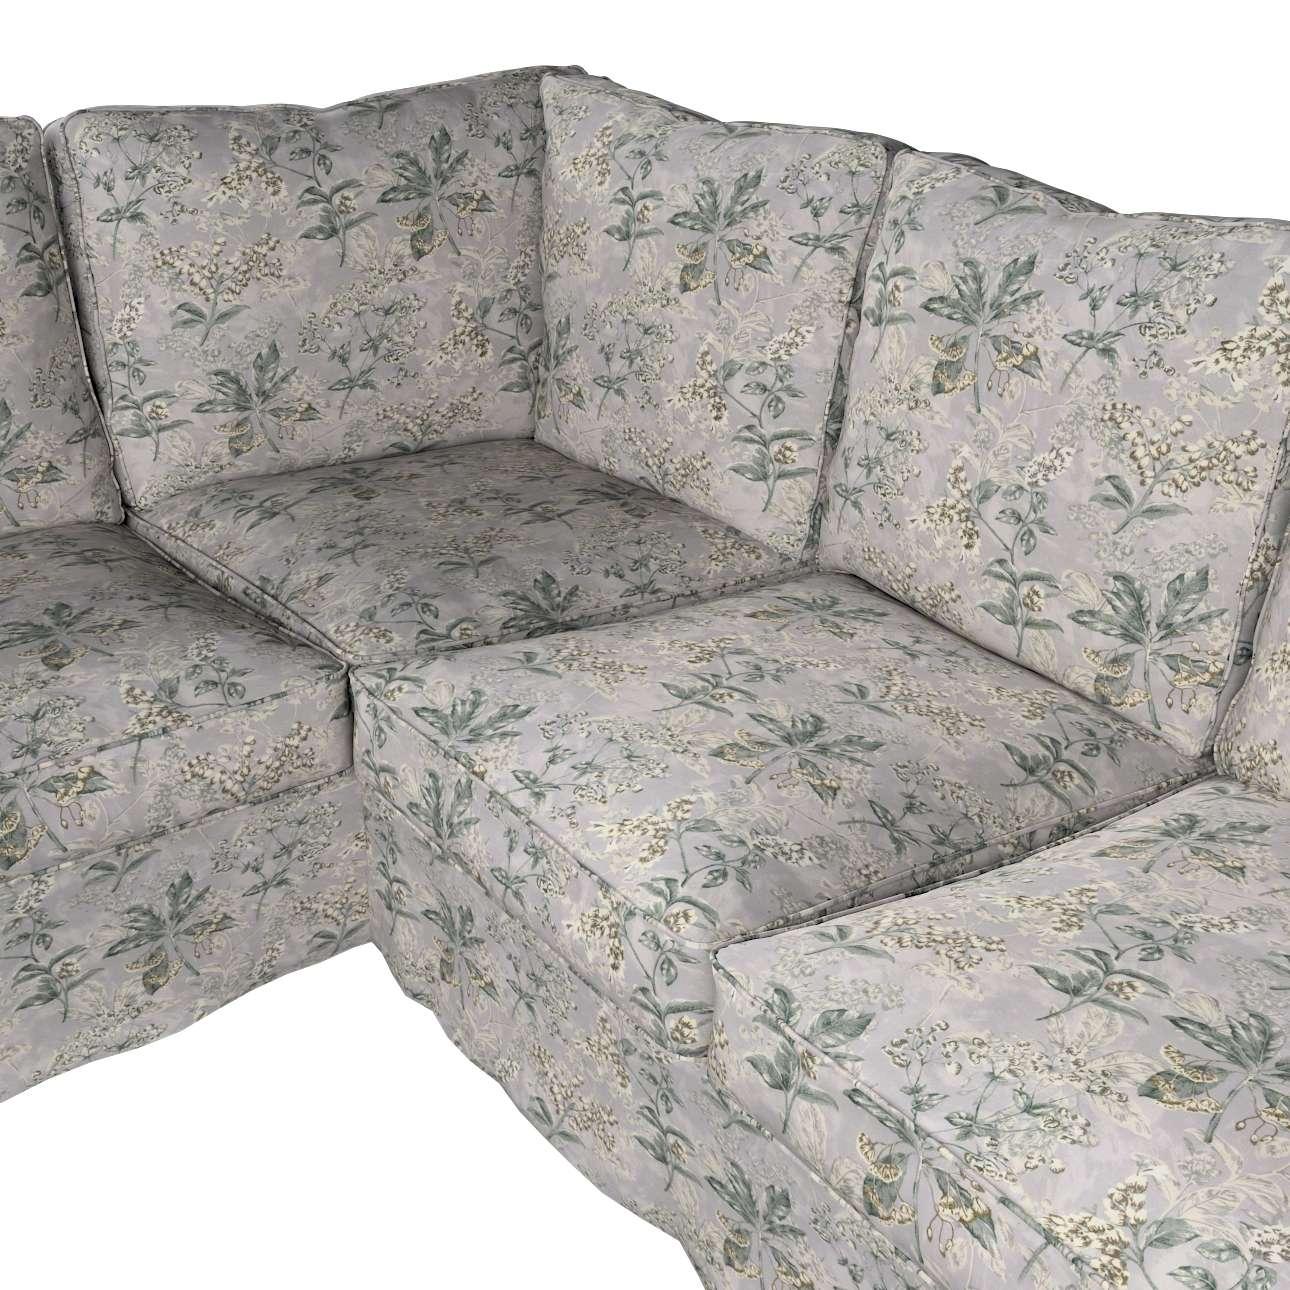 Pokrowiec na sofę narożną Ektorp w kolekcji Londres, tkanina: 143-37